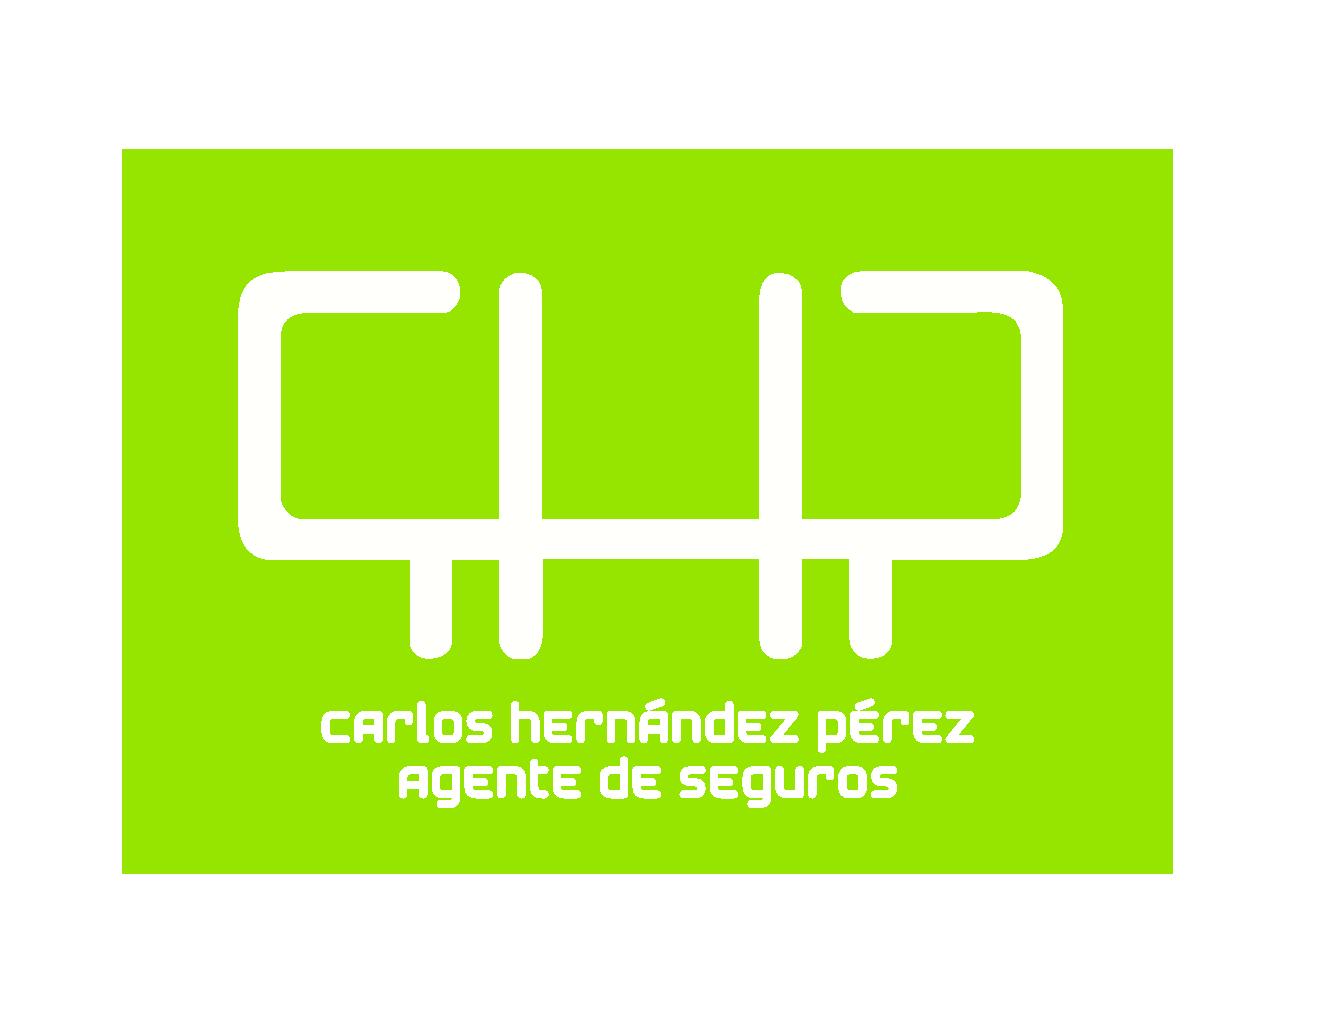 Carlos Hernandez Perez - Agente exclusivo